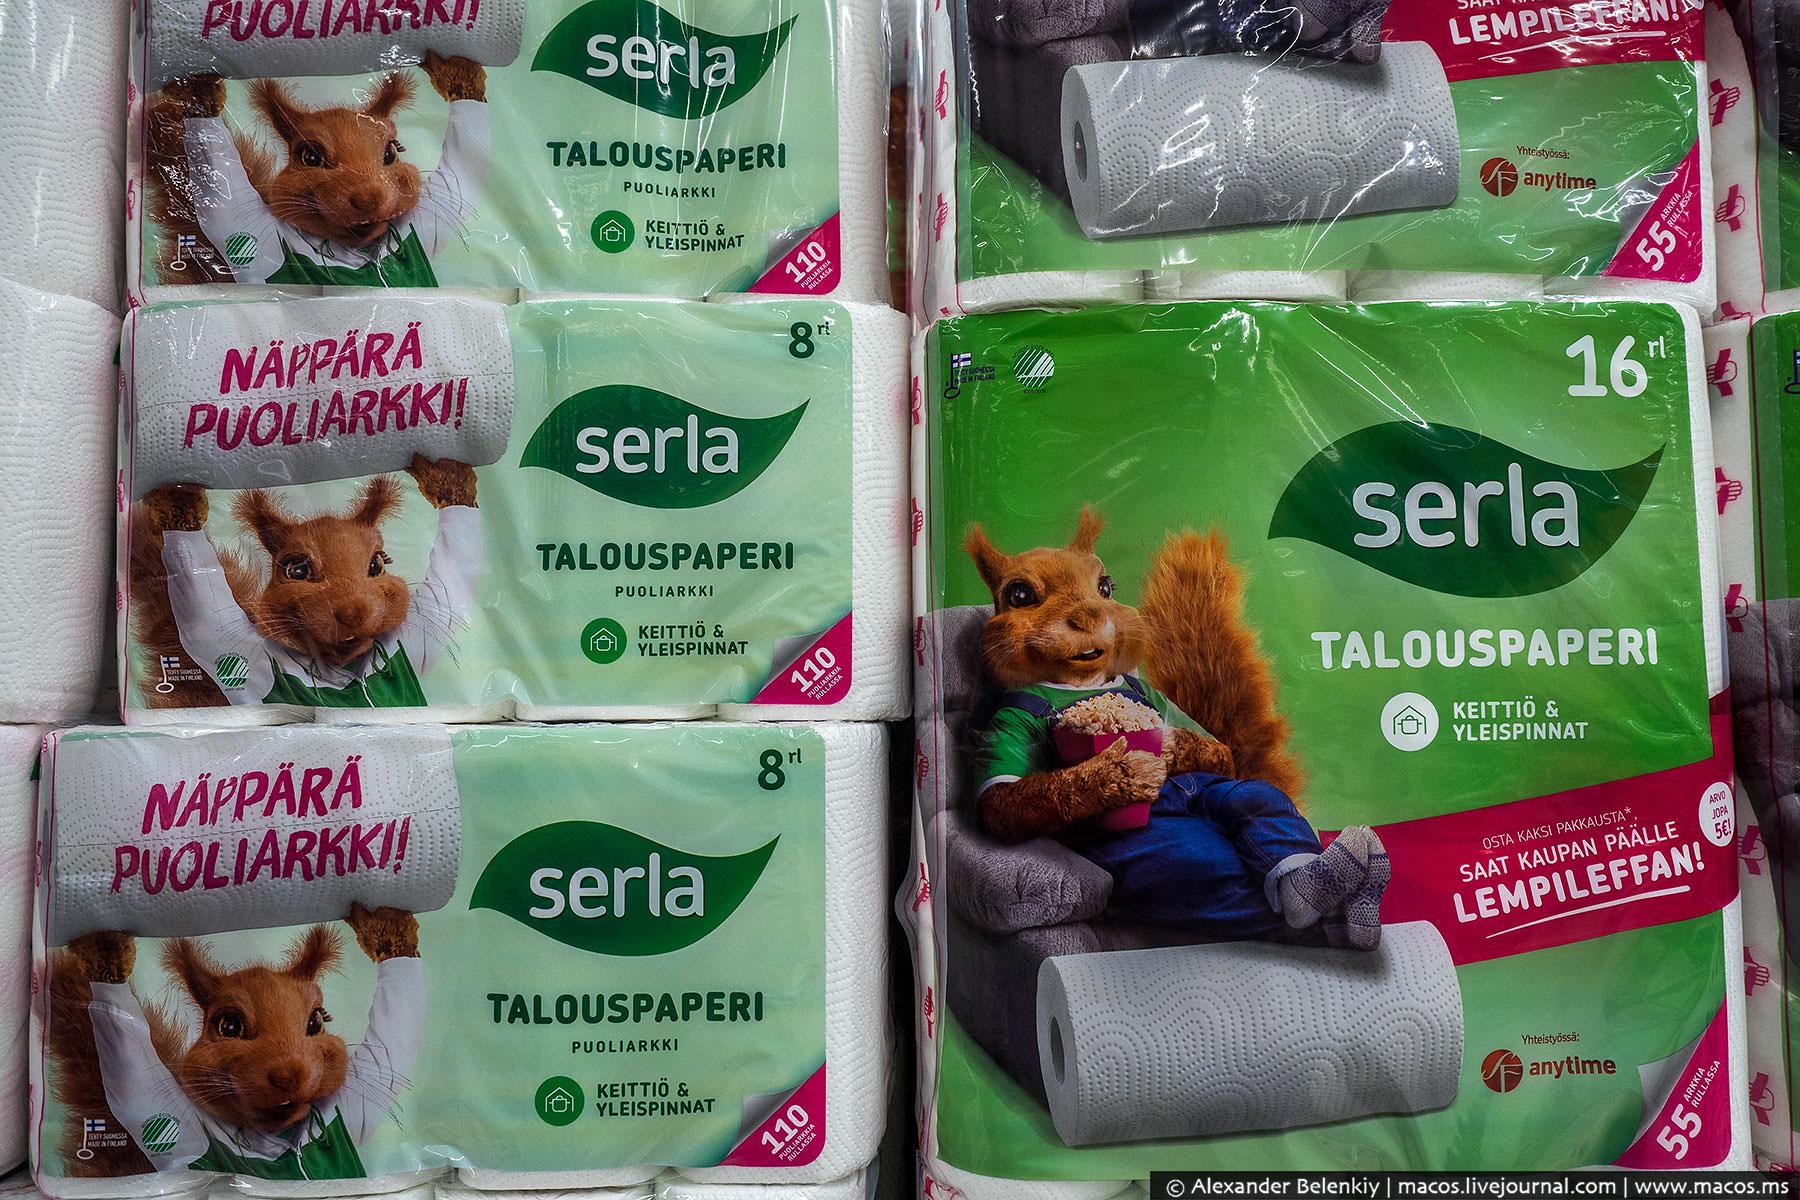 У финских товаров весьма необычный дизайн коробок.